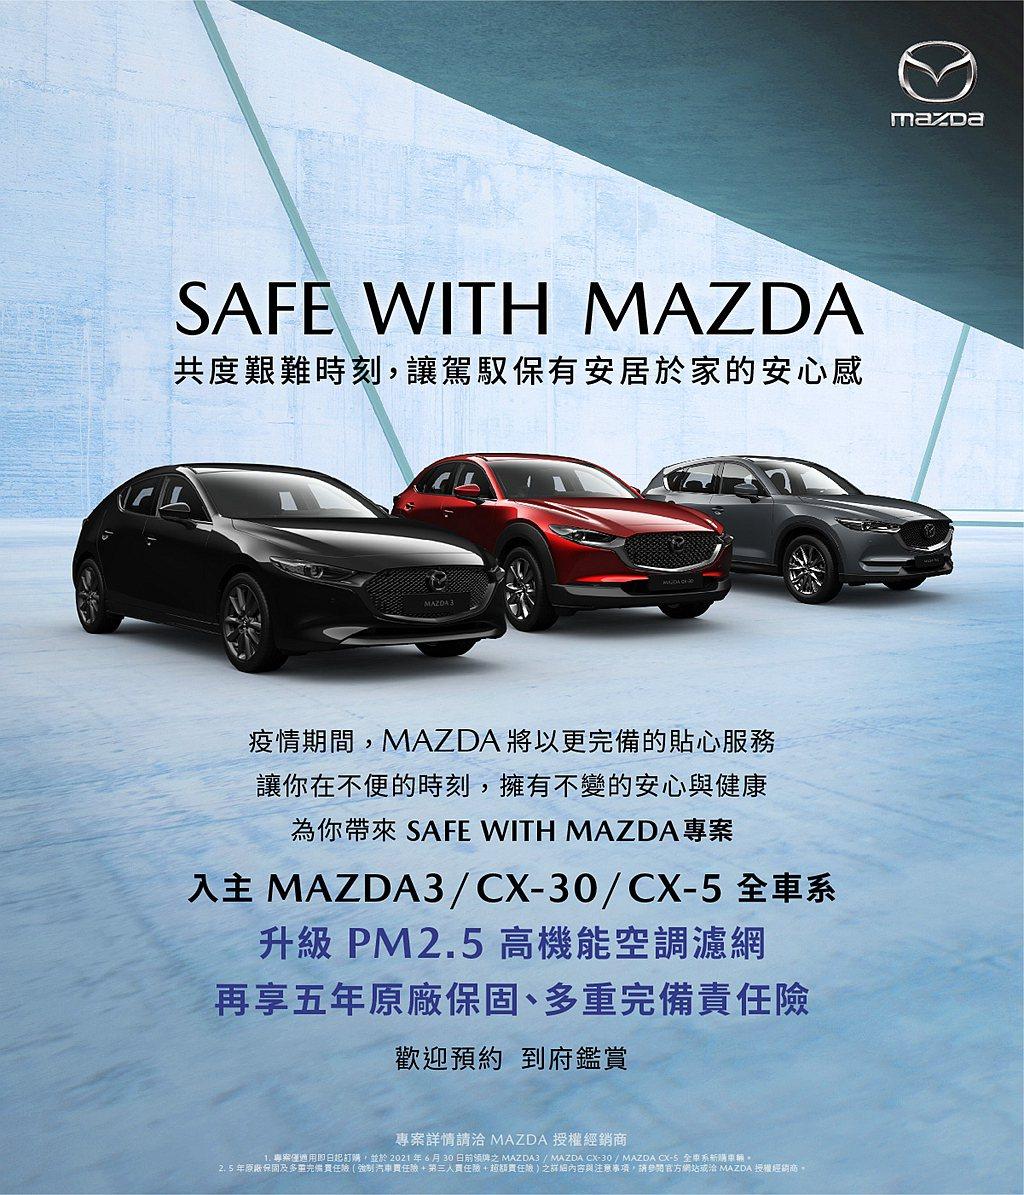 購買Mazda 3、CX-30、CX-5車系即贈「5年原廠保固」,再享「贈送首年...